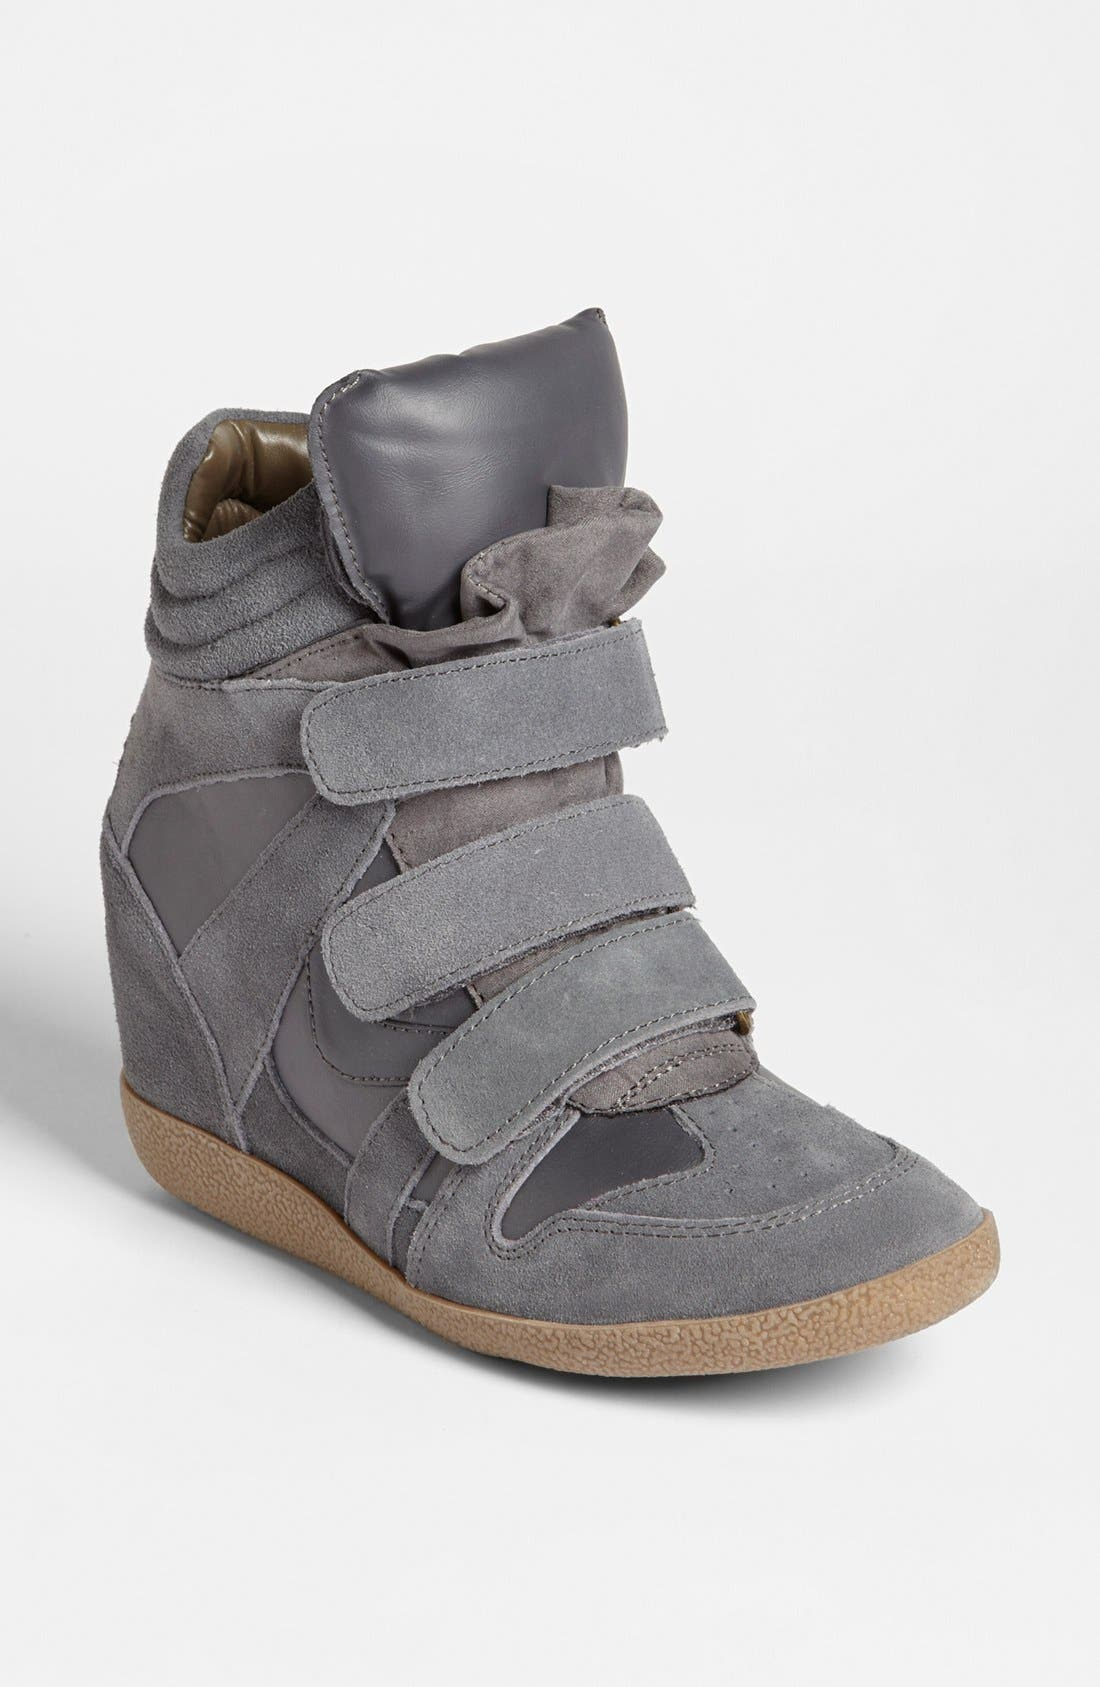 Alternate Image 1 Selected - Steve Madden 'Hilight' Wedge Sneaker